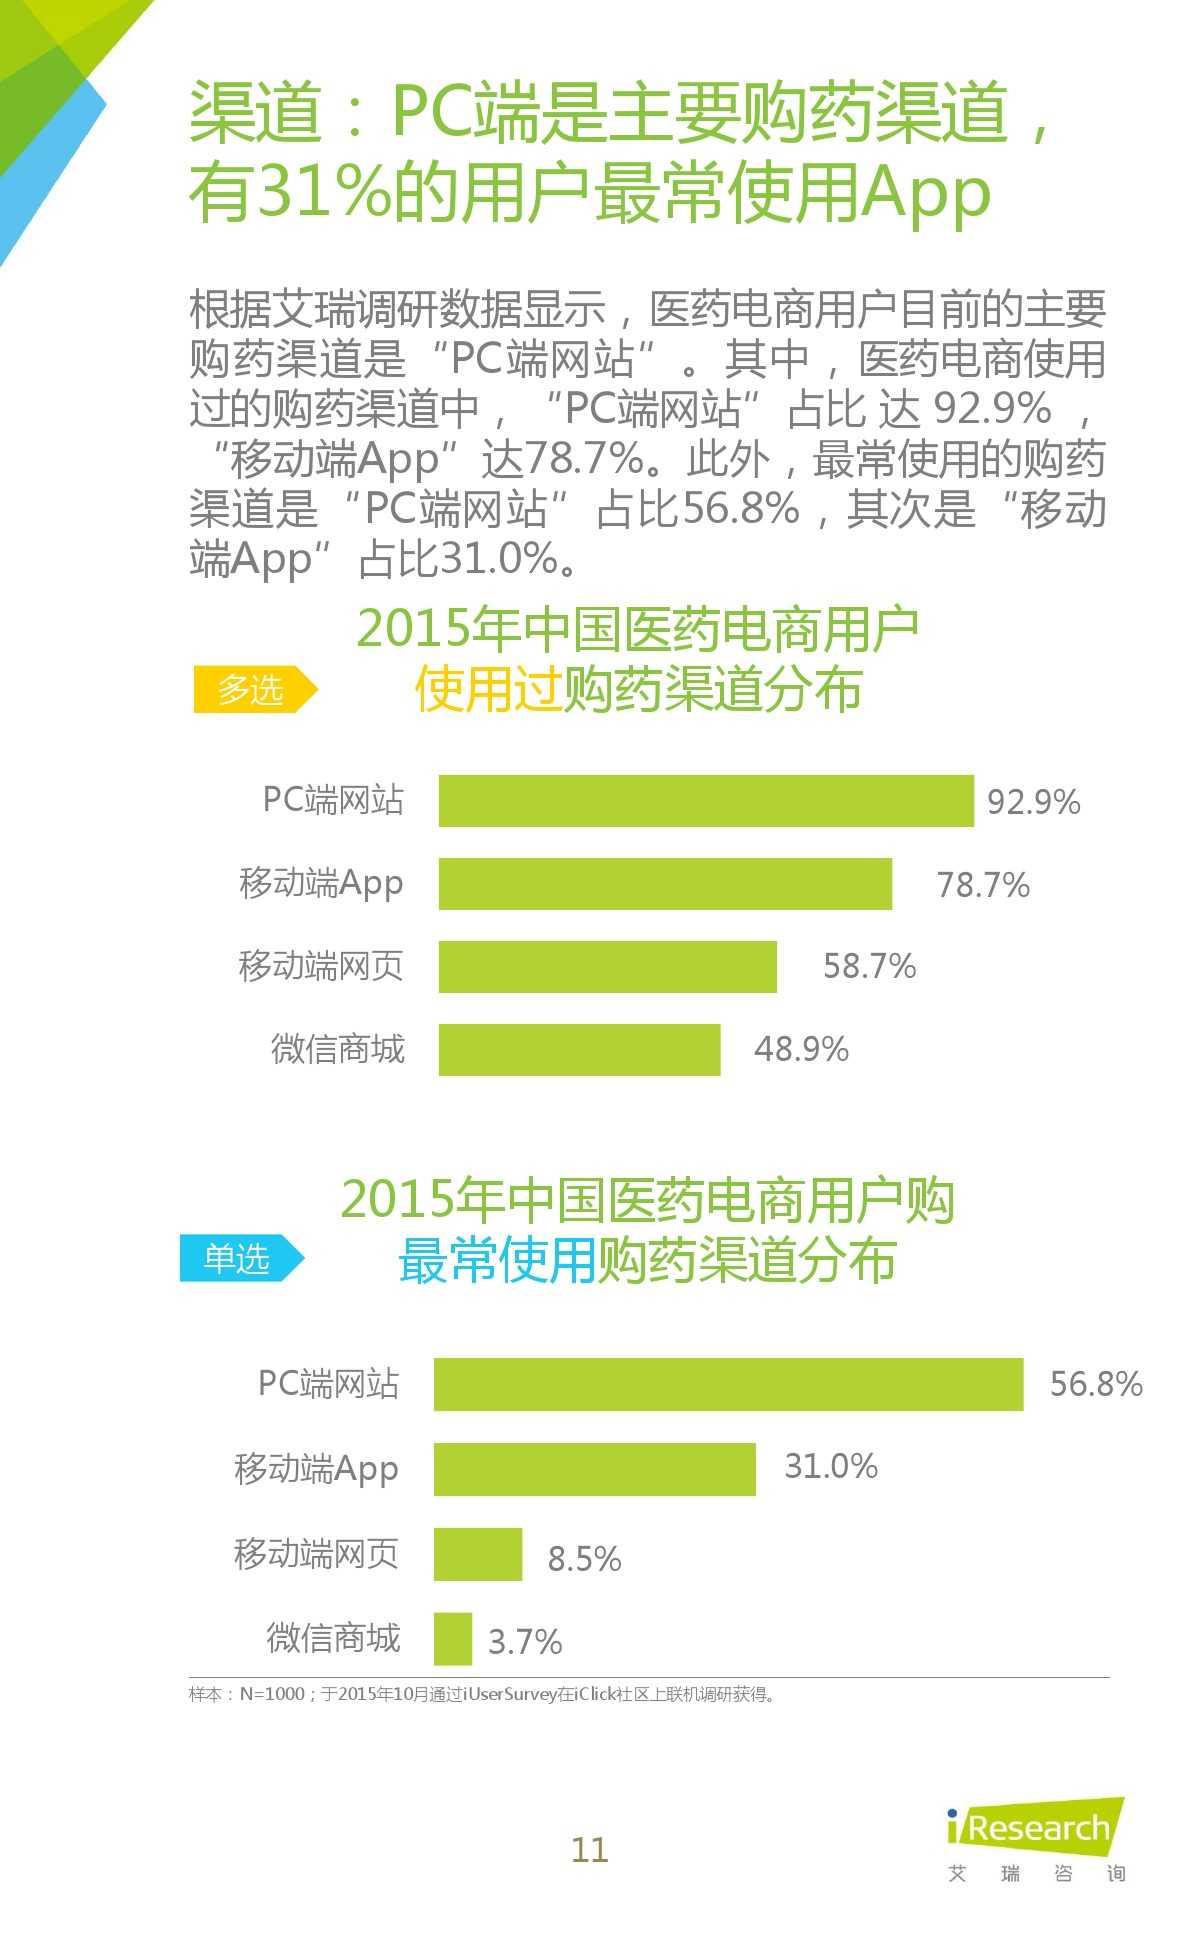 2015年中国医药电商用户行为研究报告_000011